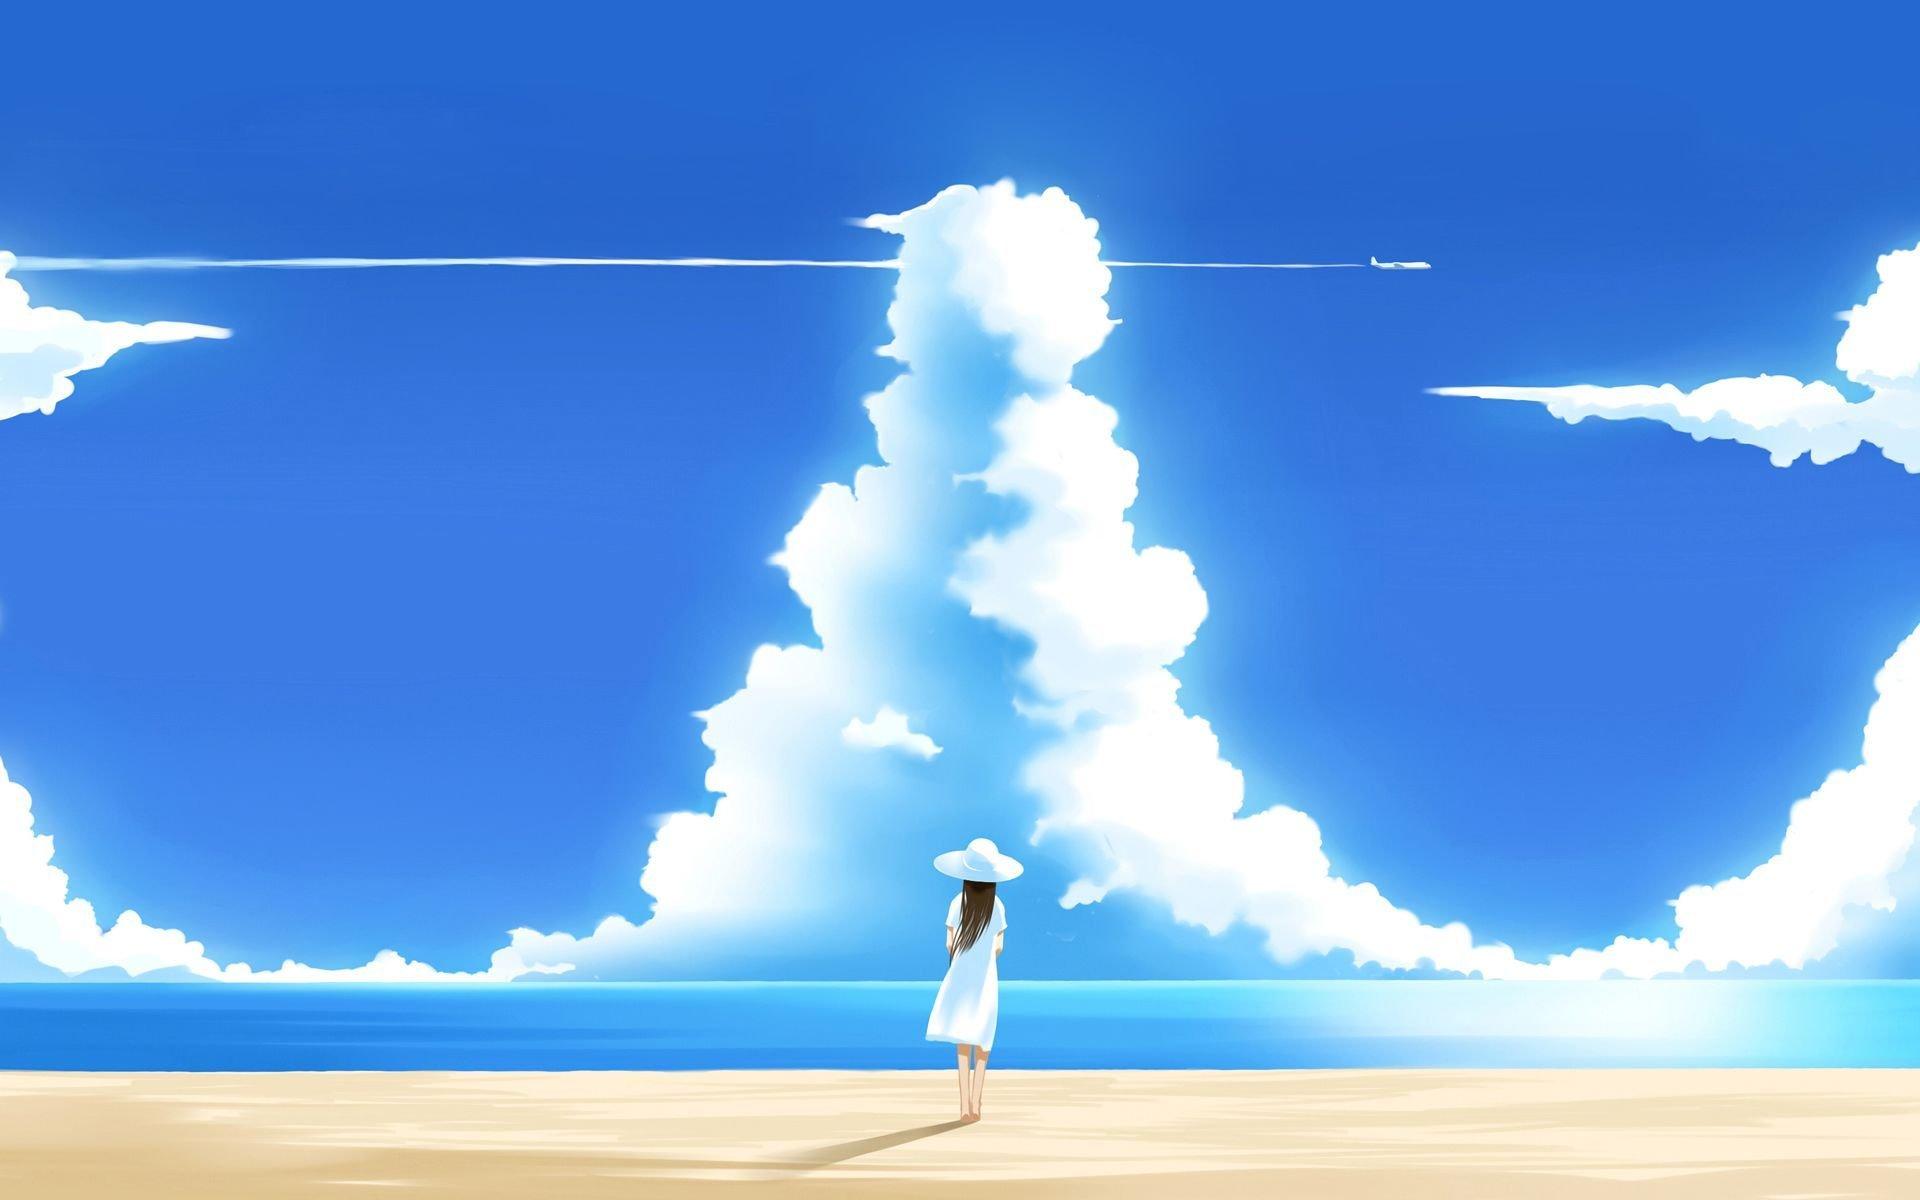 Anime Girl On The Beach Wallpaper